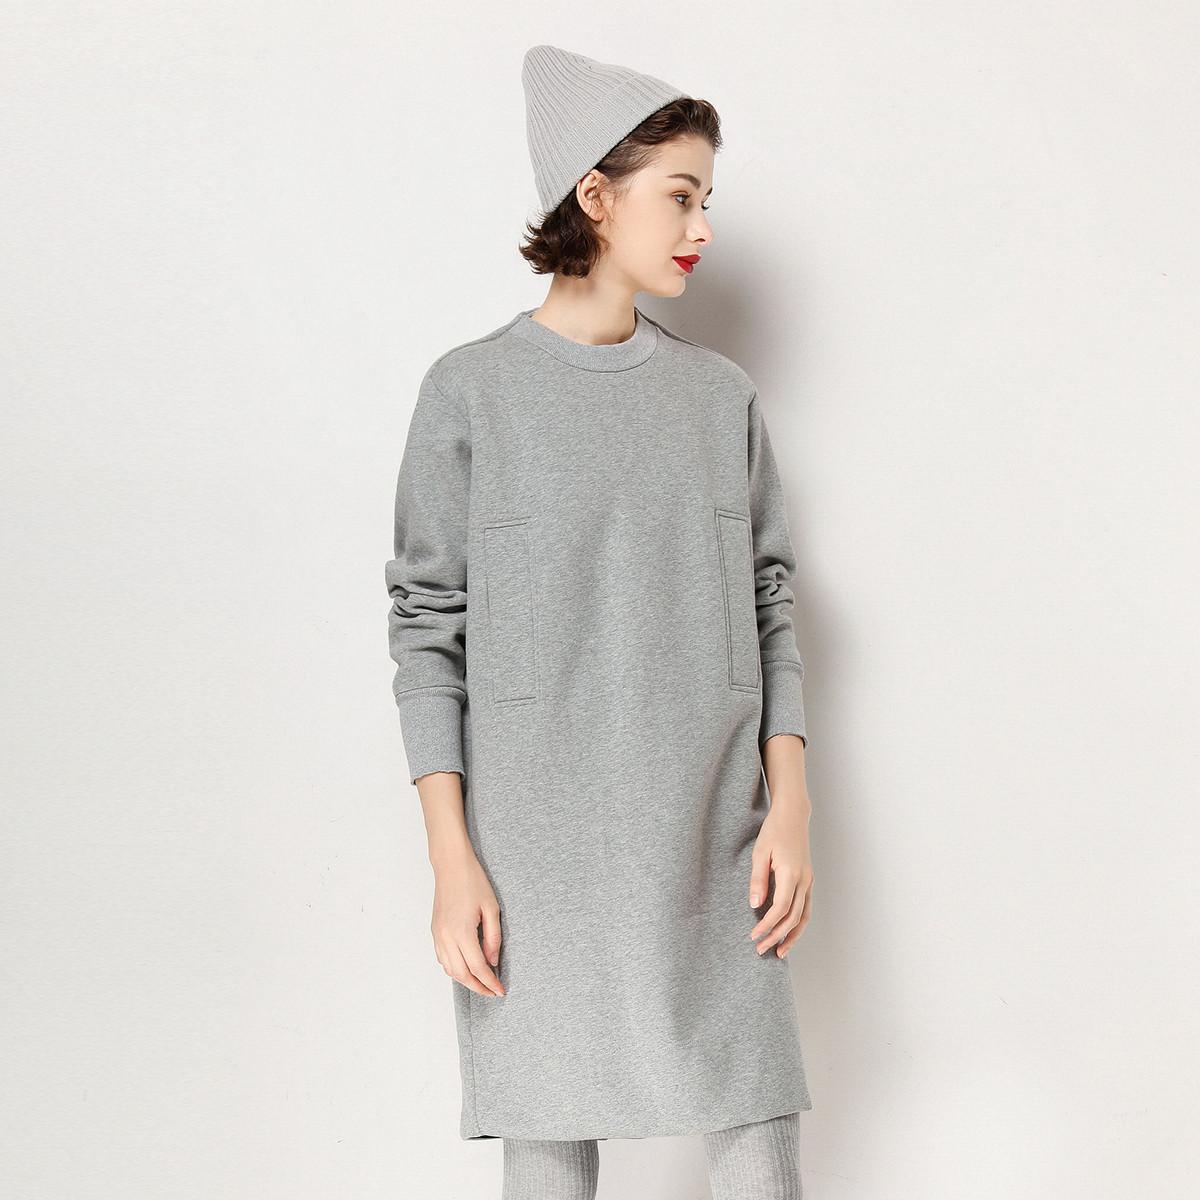 白鹿语20秋新款廓形休闲圆领纯色卫衣裙运动时尚中长款连衣裙